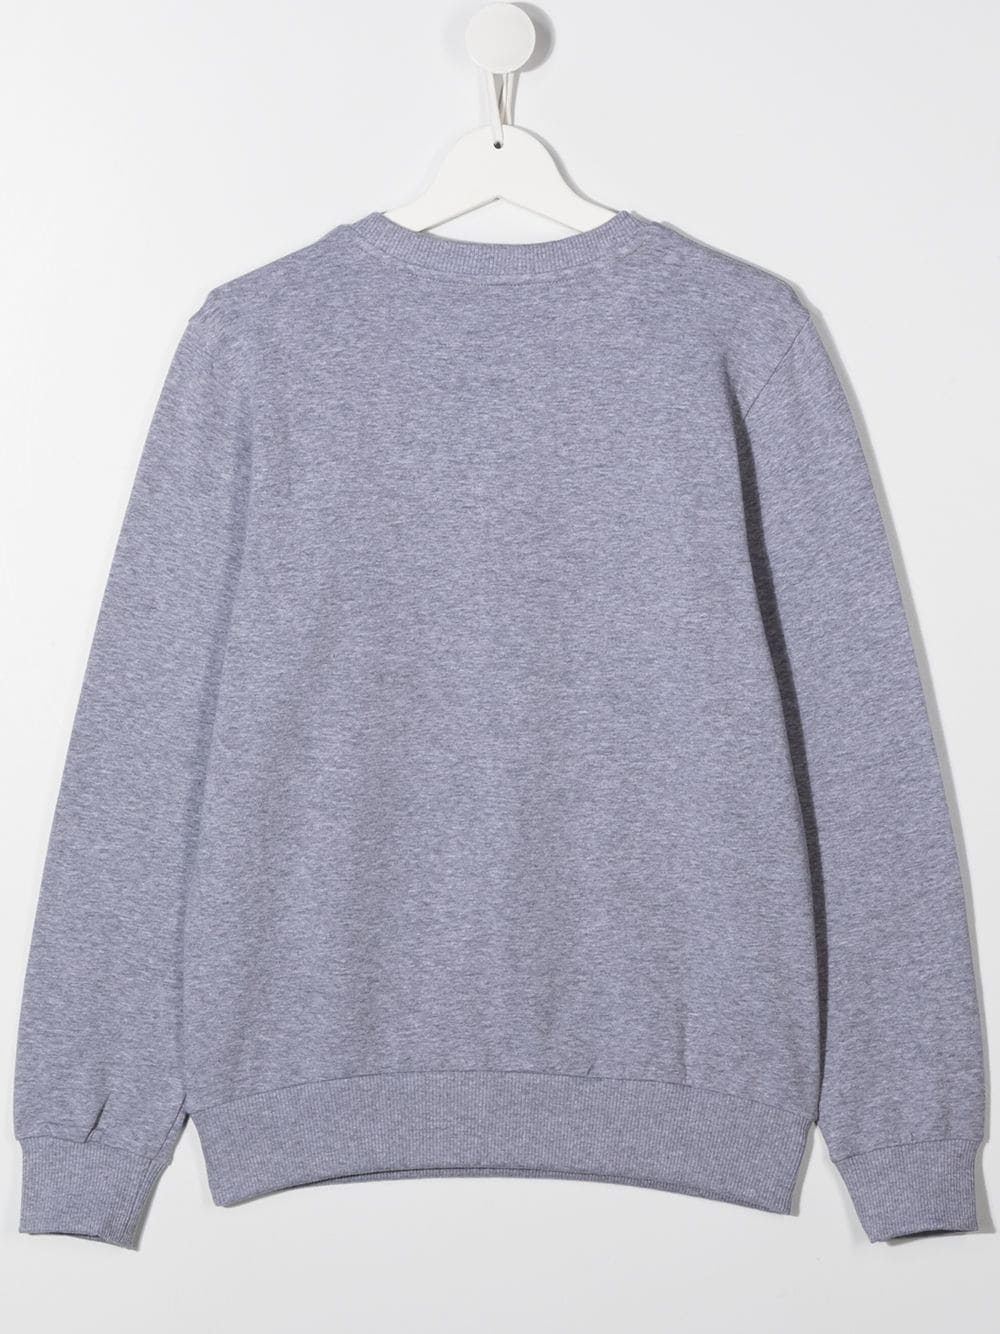 MOSCHINO KIDS   Sweatshirt   HQF039LDA1460901T